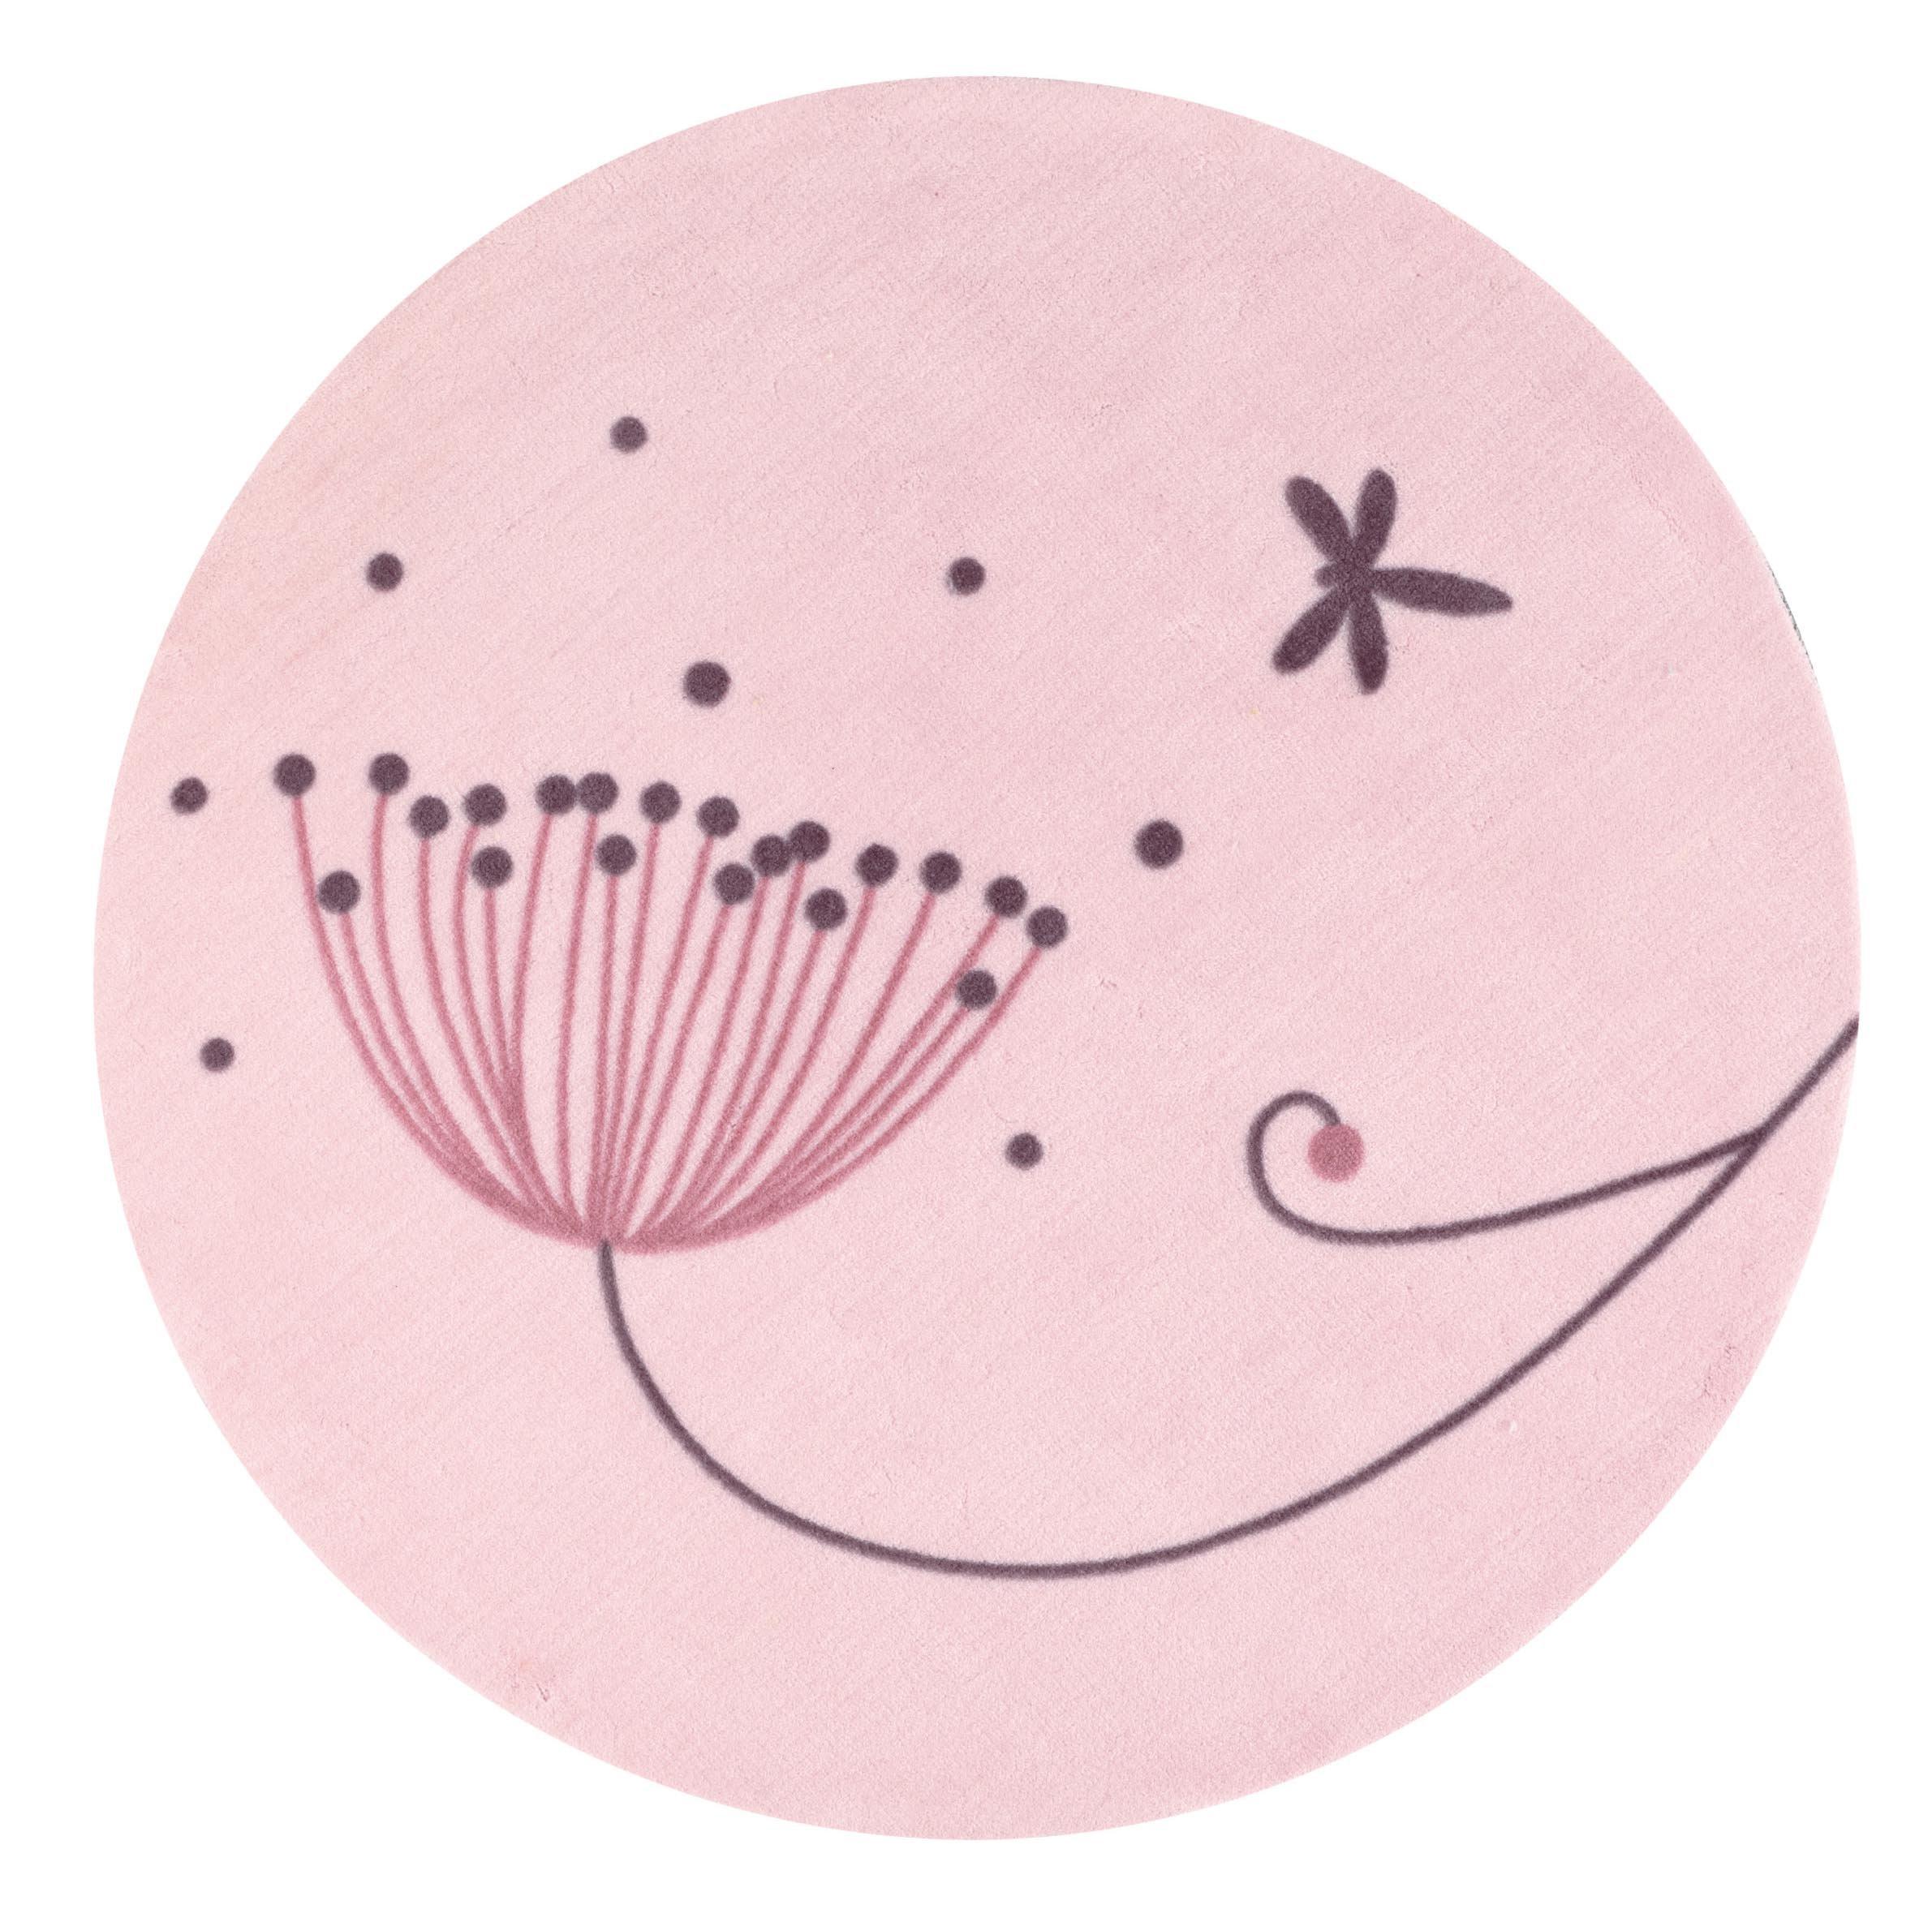 candide tapis jolie fleur made in bebe votre With tapis chambre bébé avec livraison de fleurs 24h 24